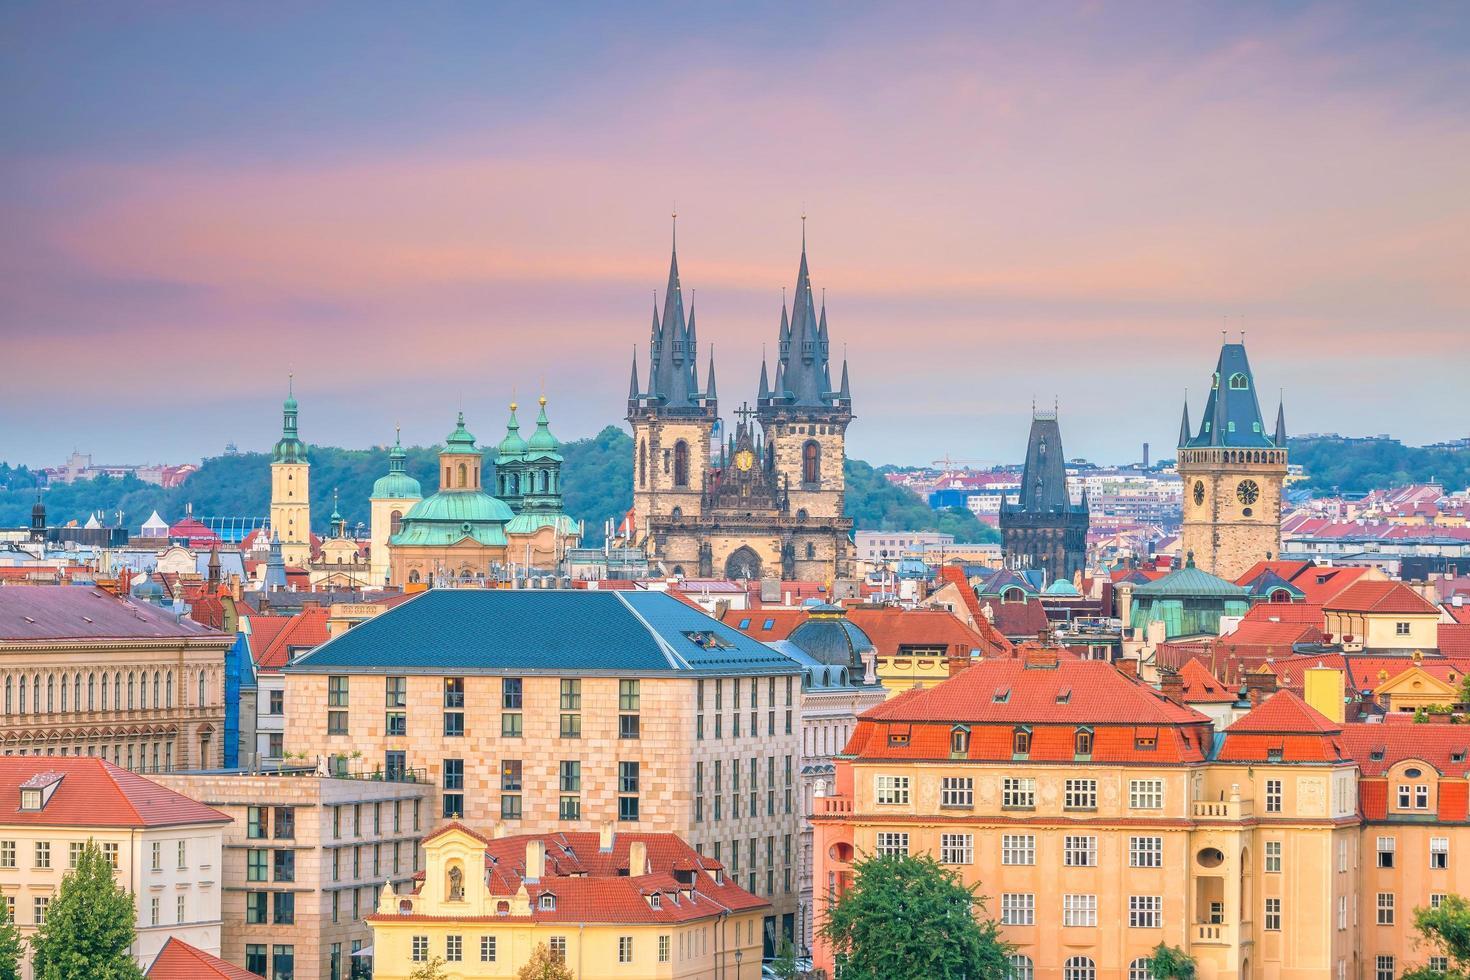 oude stadsplein in Praag, Tsjechië foto